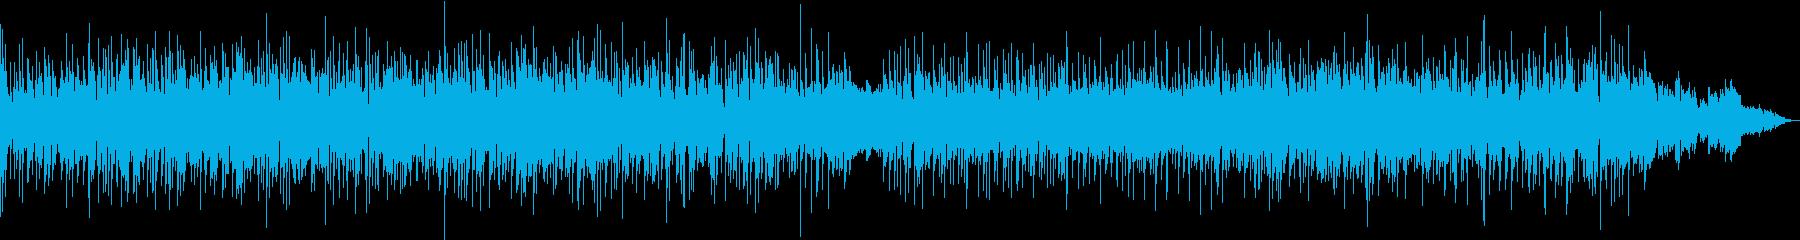 懐かしくもせつないギターJpopの再生済みの波形